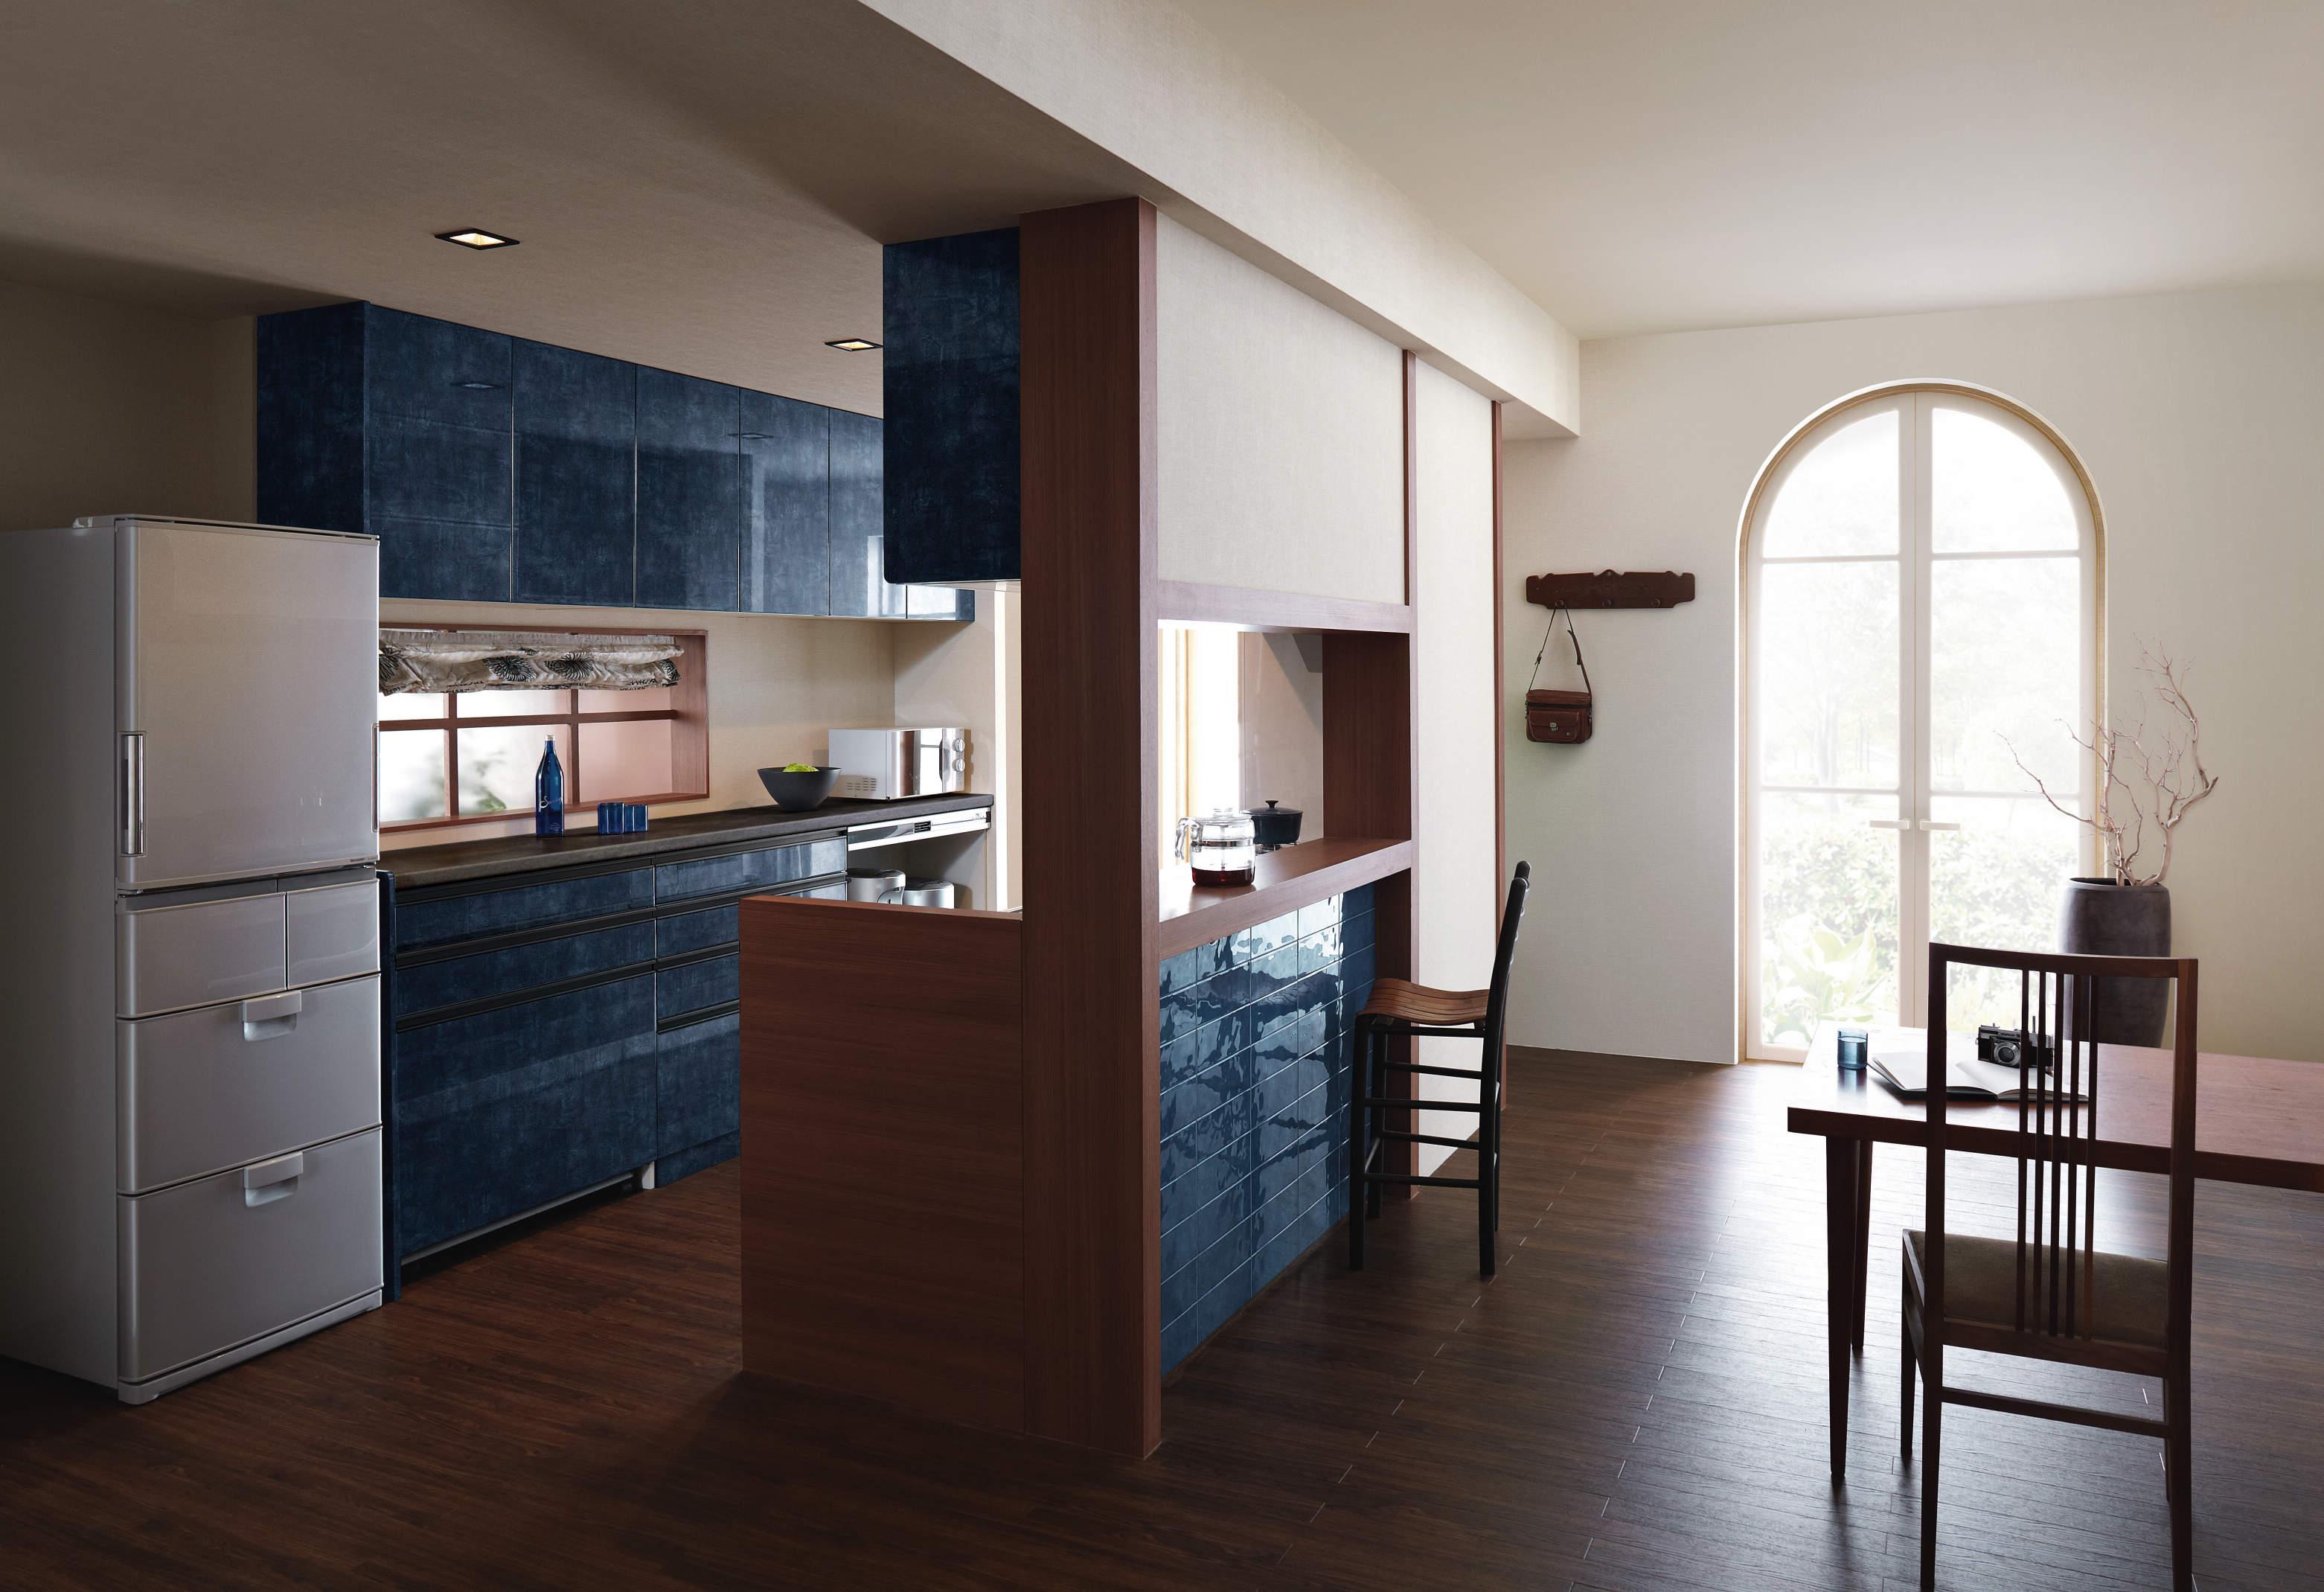 インテリアに深みを加える深い青色のキッチン サムネイル画像